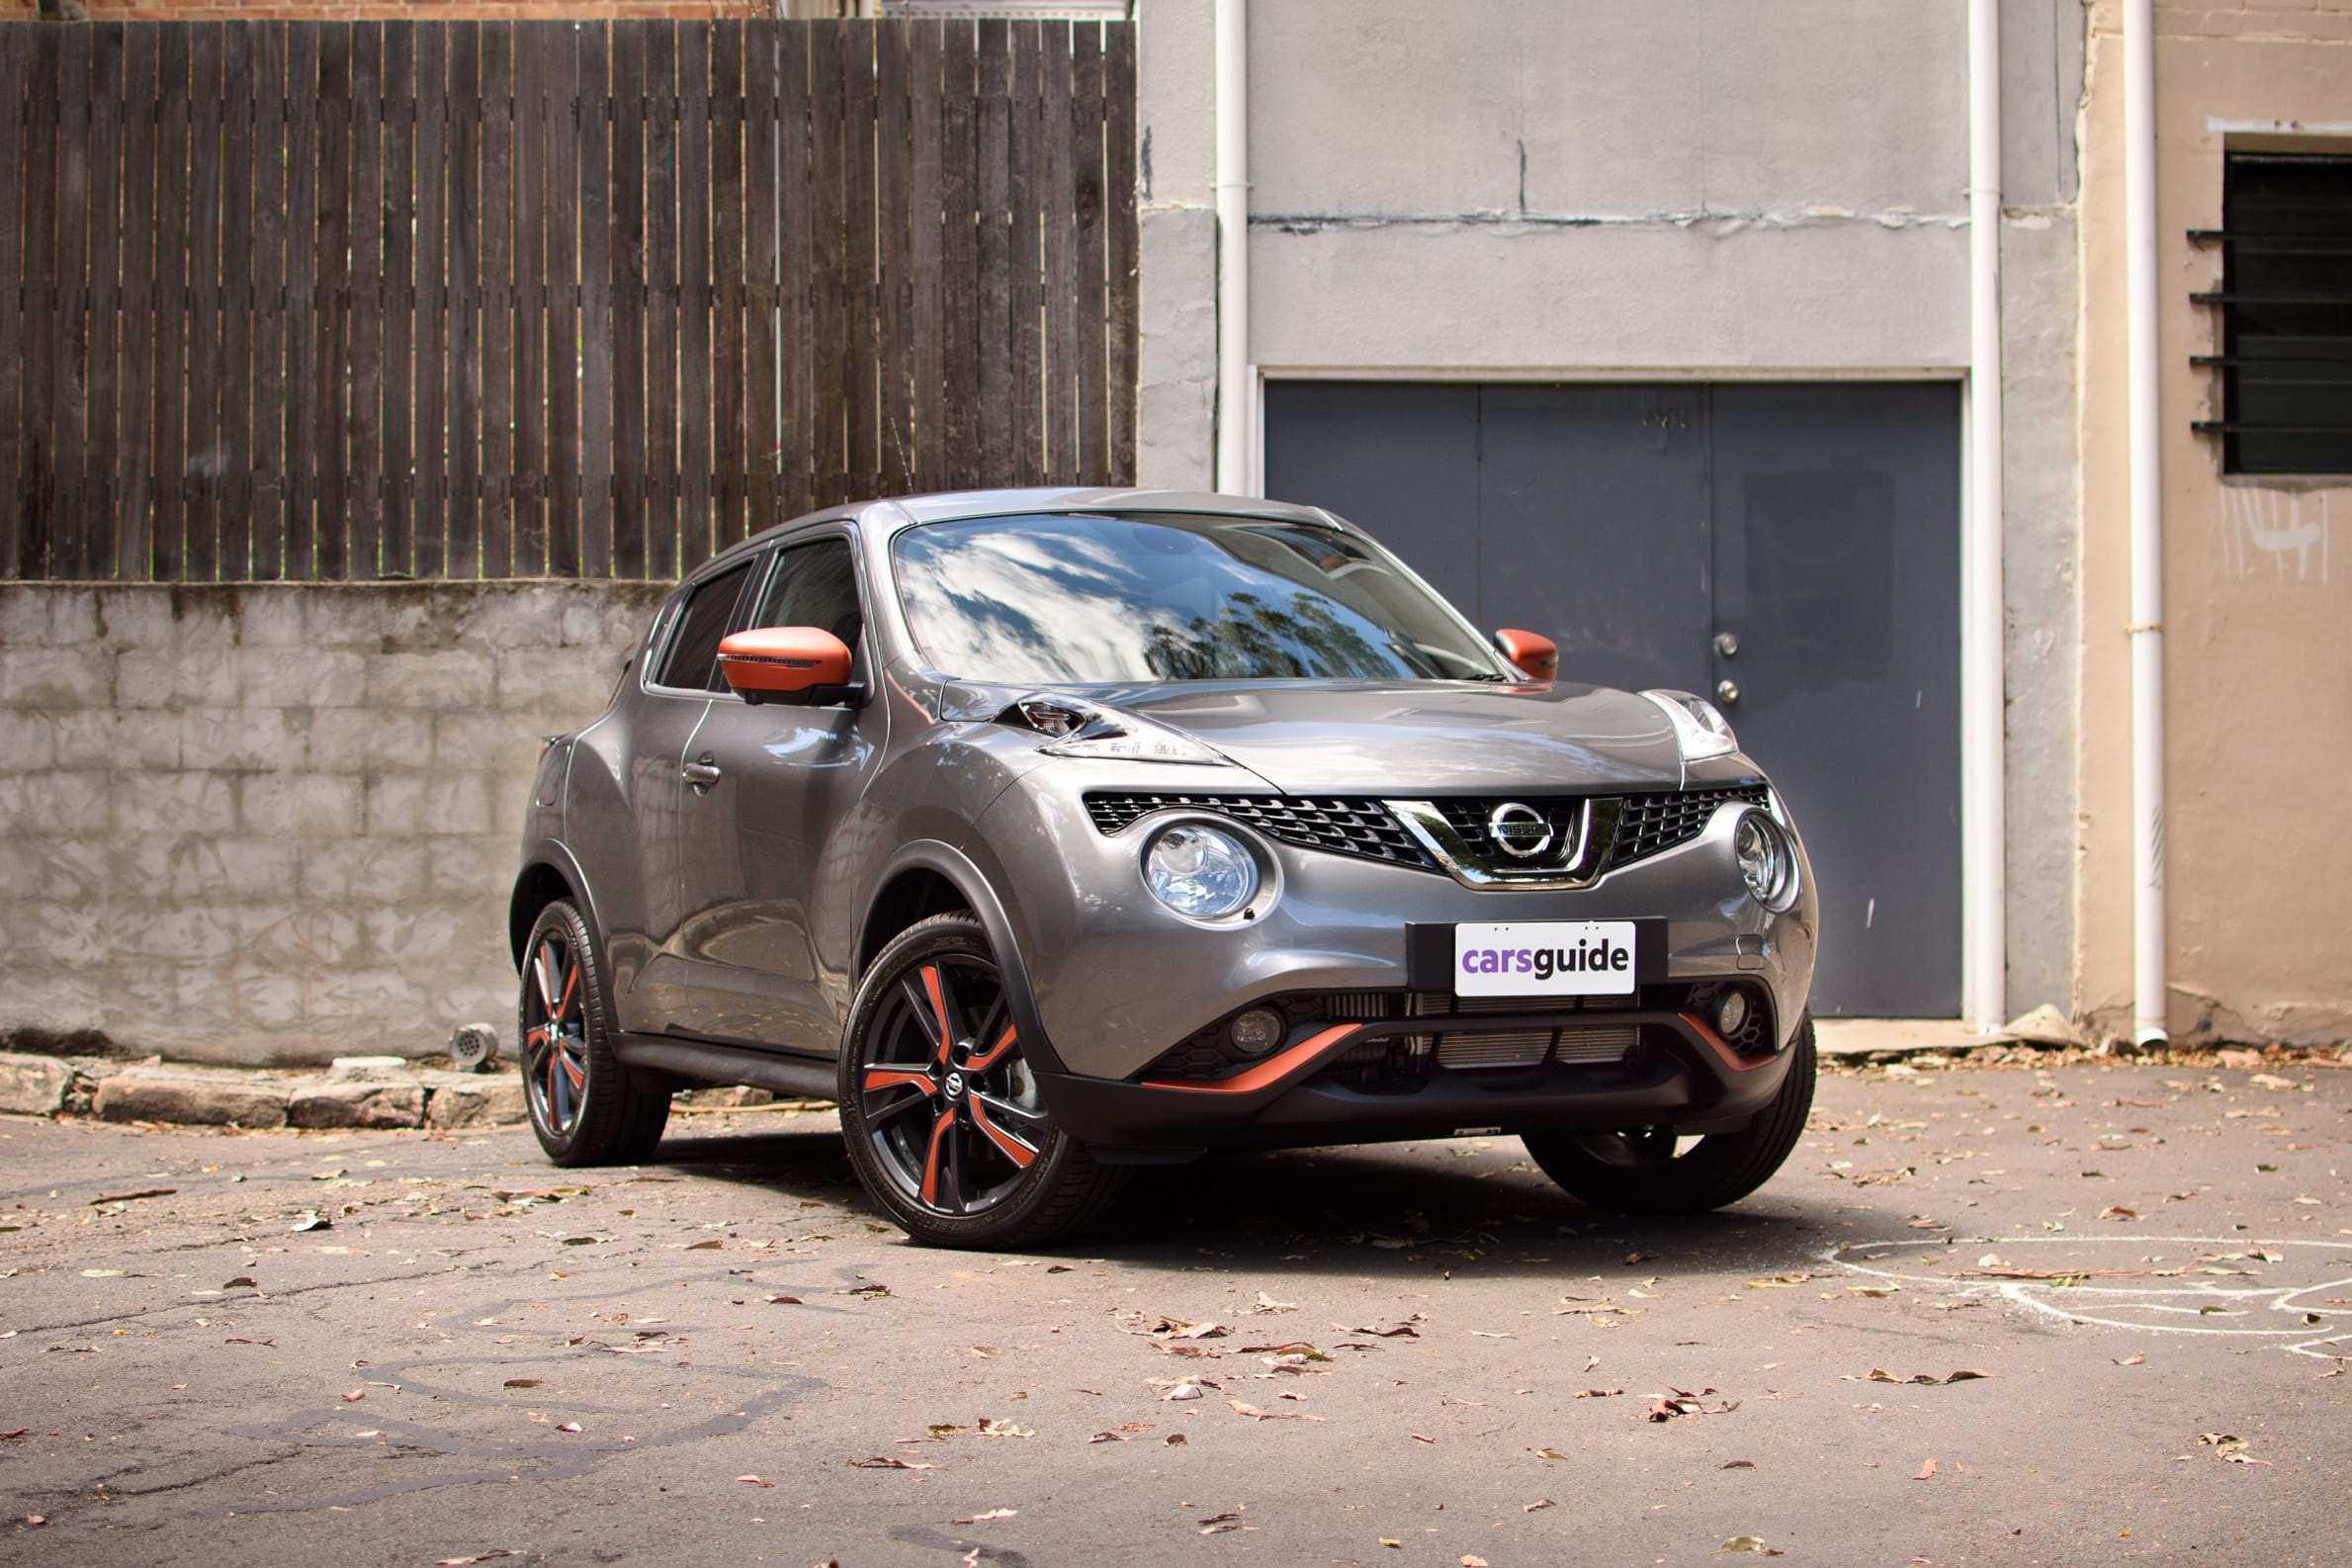 Nissan kicks 2020 — молодежный кроссовер с богатым оснащением и турбомотором по цене ниже 900 тысяч рублей